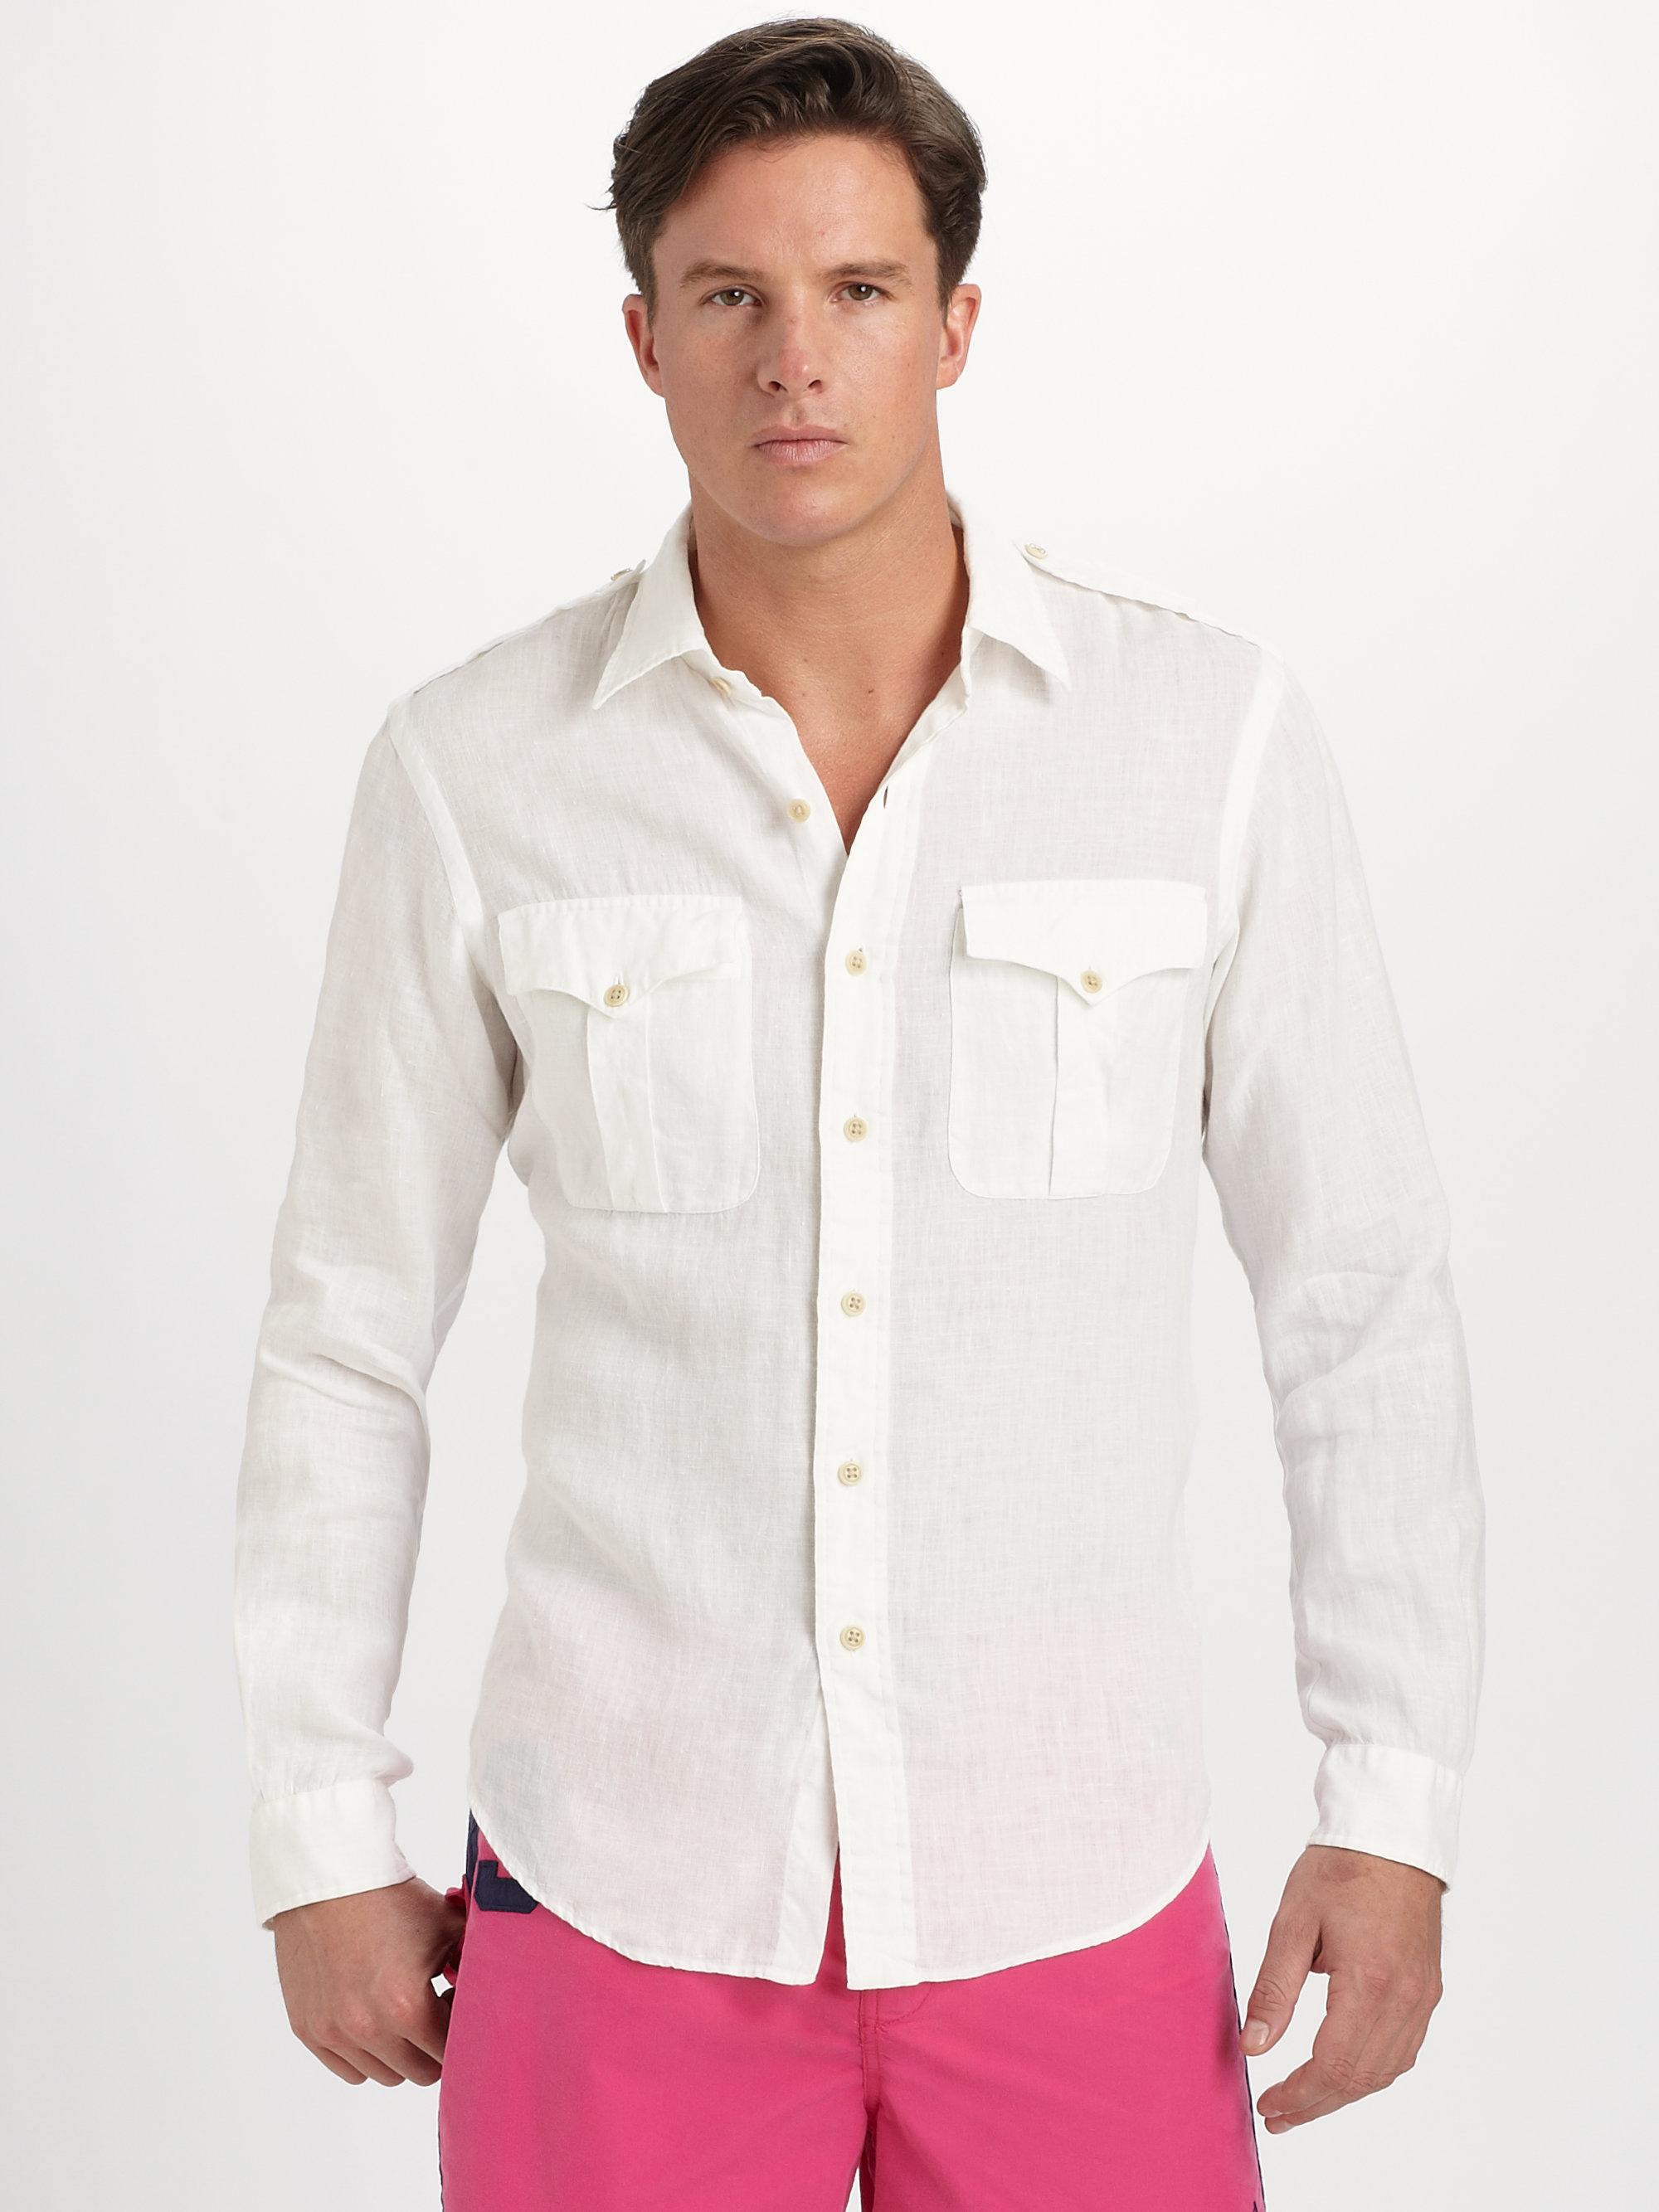 90293c47b915d ... sweden lyst polo ralph lauren linen military shirt in white for men  9cd8b 4e185